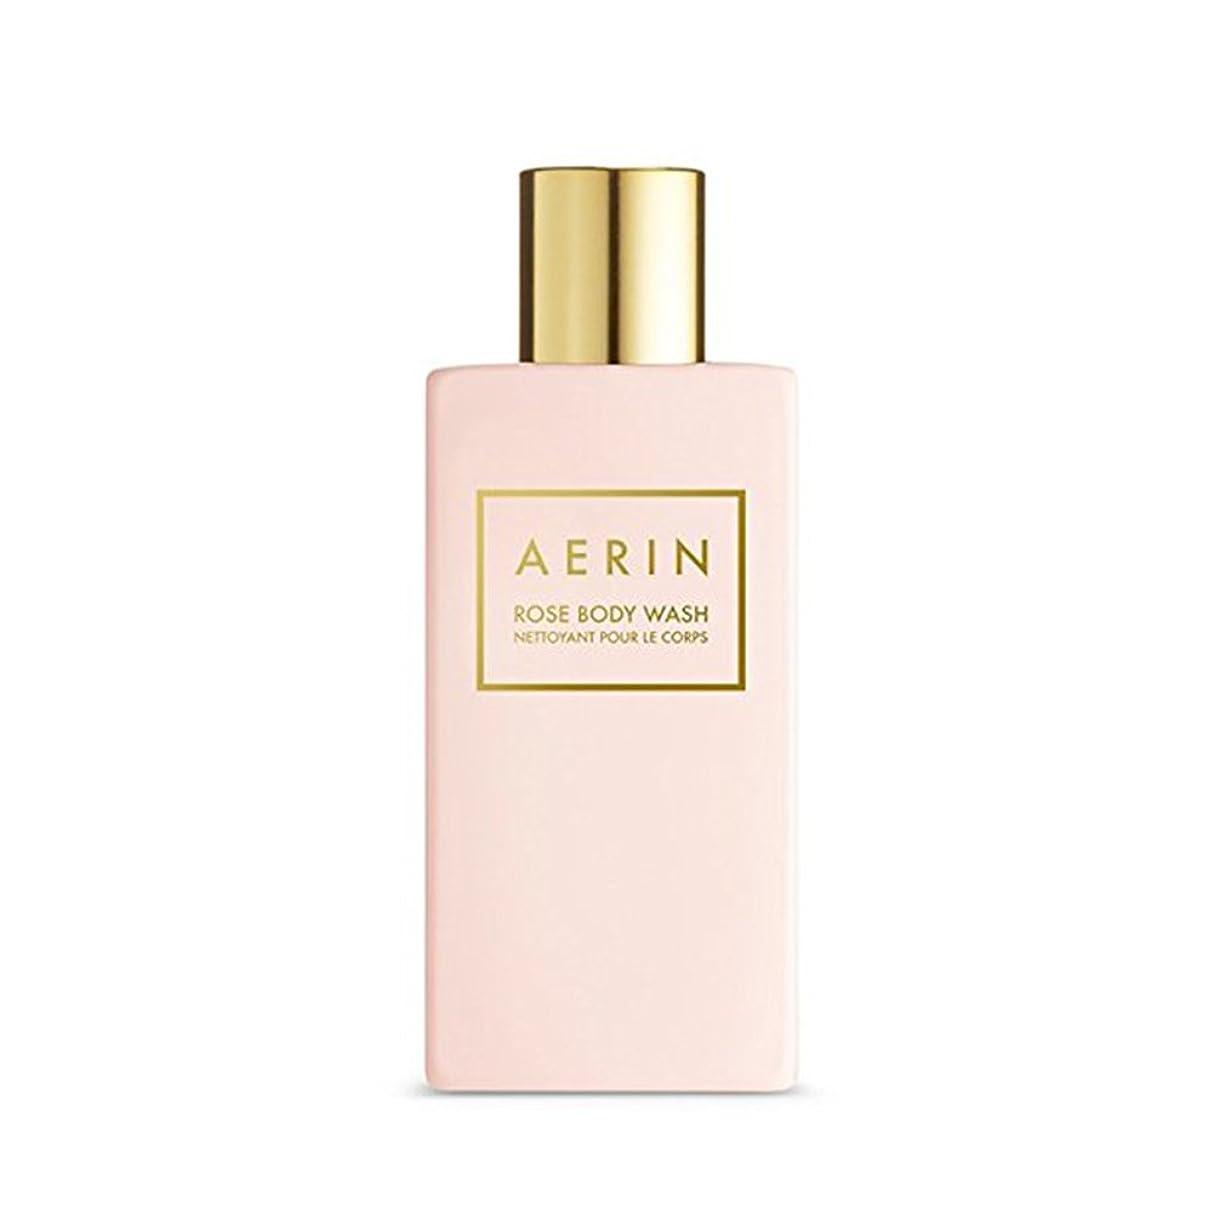 救急車マーキング証明するAERIN Rose Body Wash(アエリン ローズ ボディー ウオッシュ) 7.6 oz (225ml) by Estee Lauder